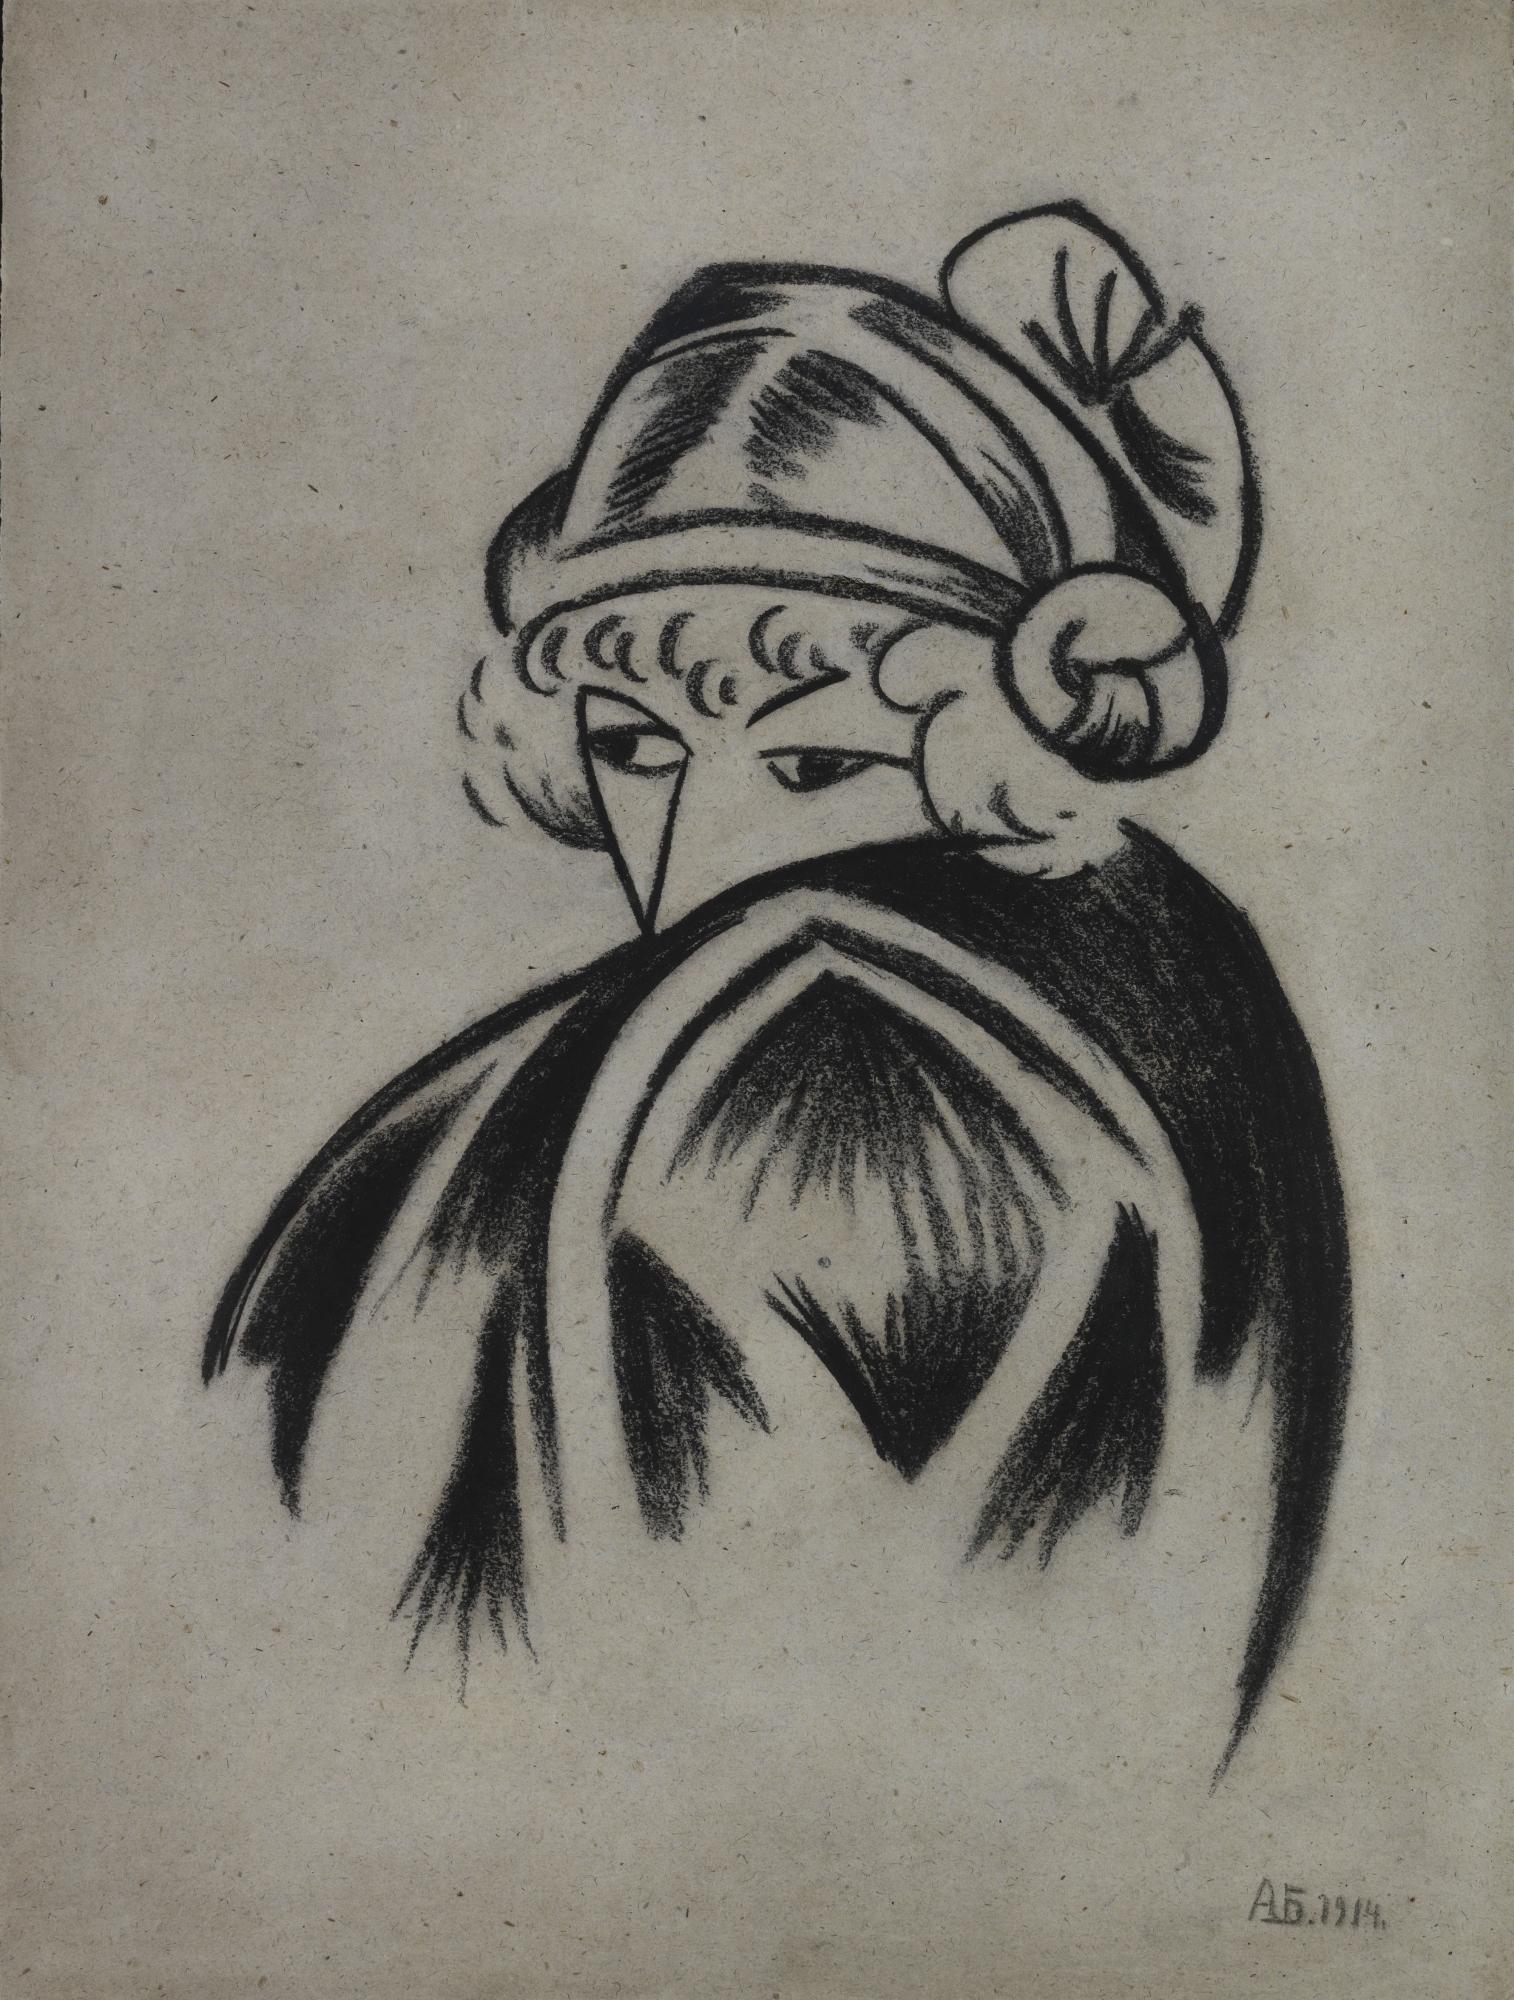 Wanda Looking Over Her Shoulder, 1914 - Alexander Bogomazov